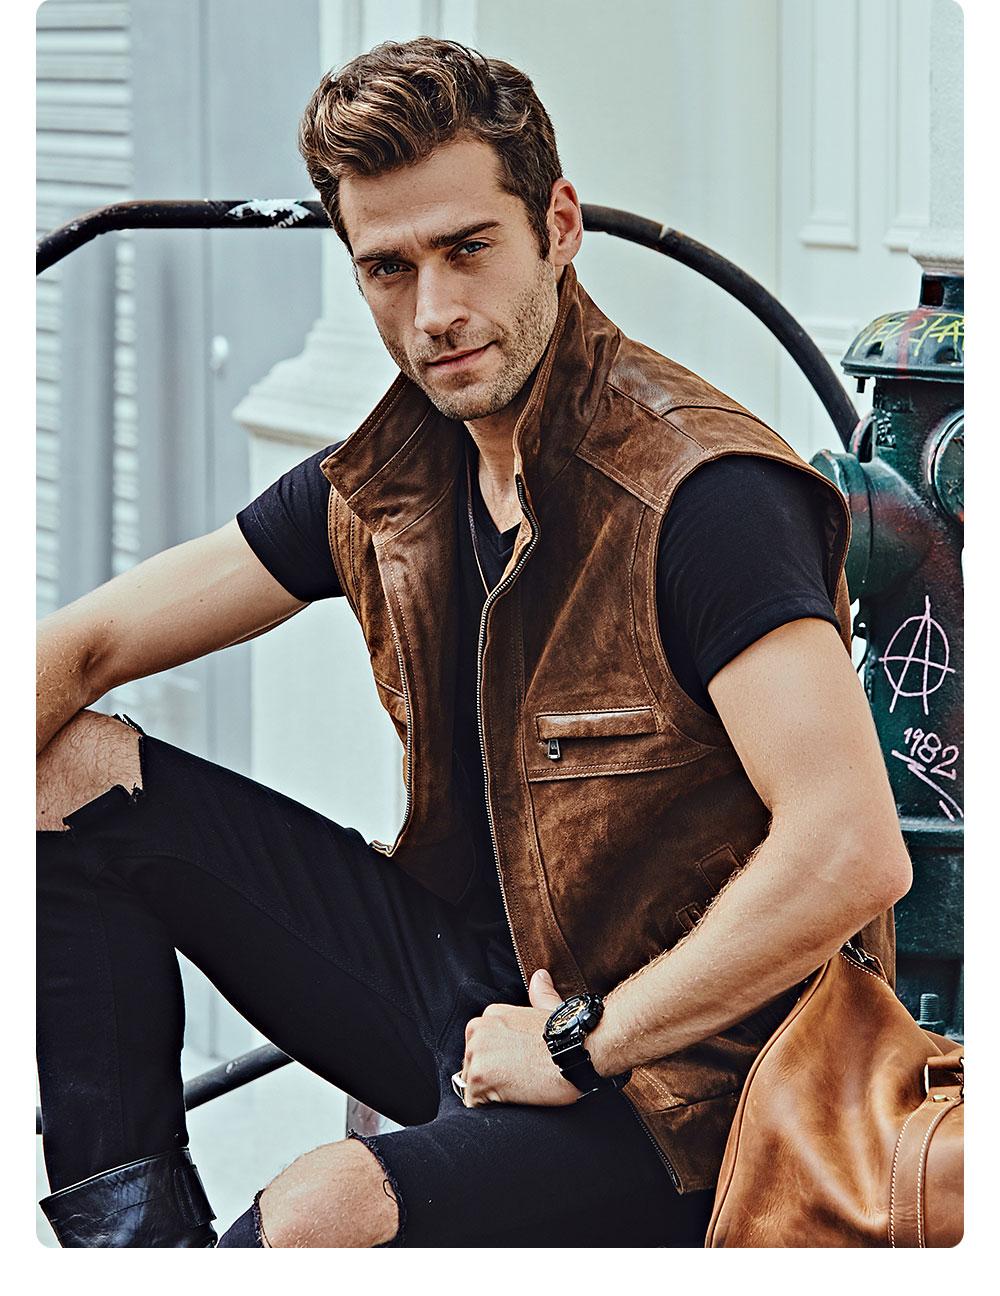 H5233f26cda744ac084bda8f5d92f8a14O Mew Men's Leather Retro Vest Stand Collar Men's Motorcycle Casual Vest